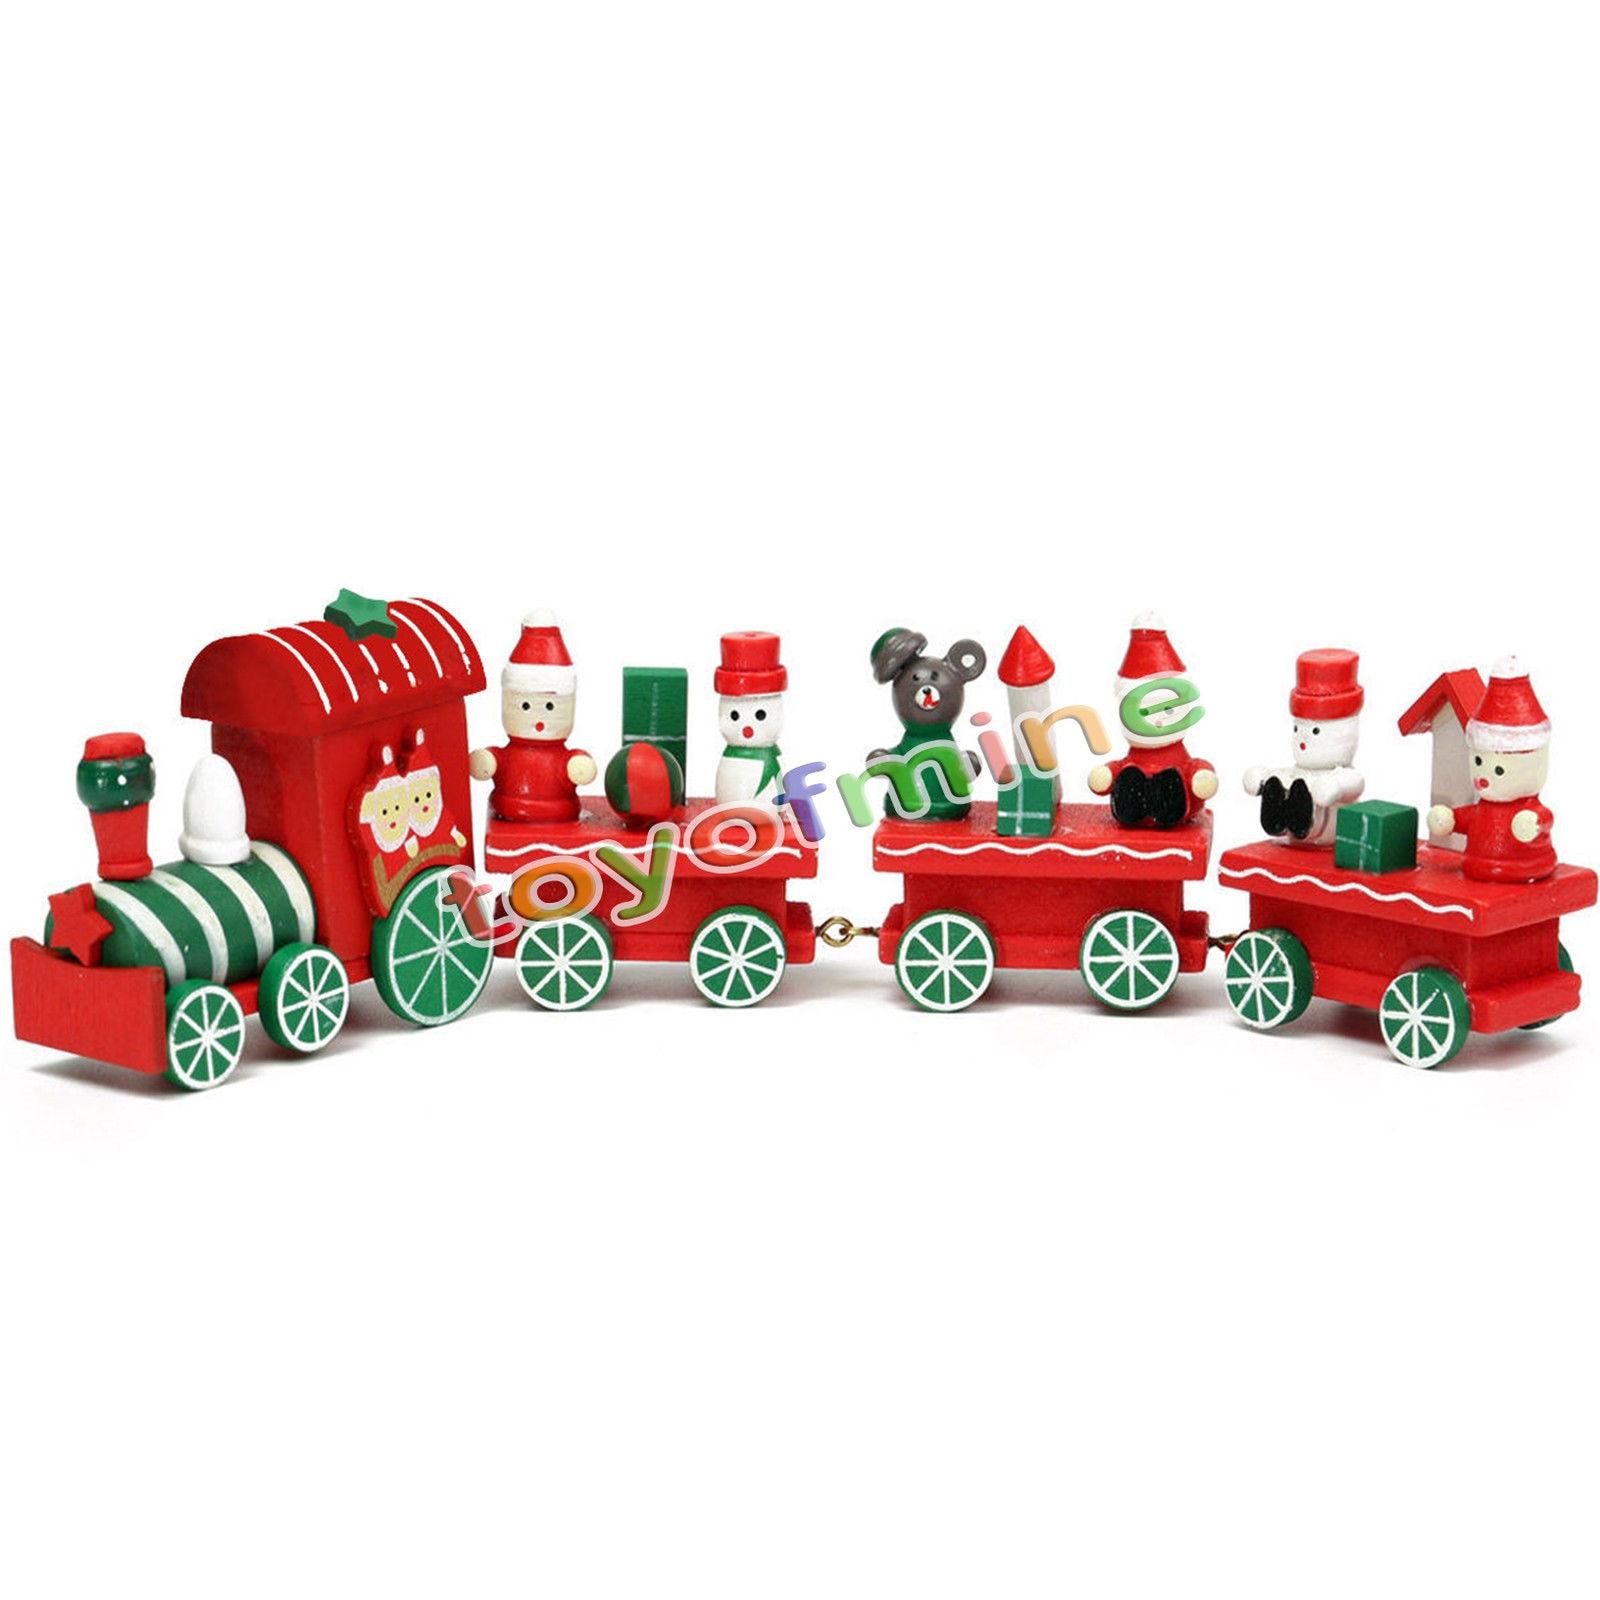 #8E1613 Kid Lovely 4 Piece Little Train Wood Christmas Train  6083 decoration de noel train electrique 1600x1600 px @ aertt.com